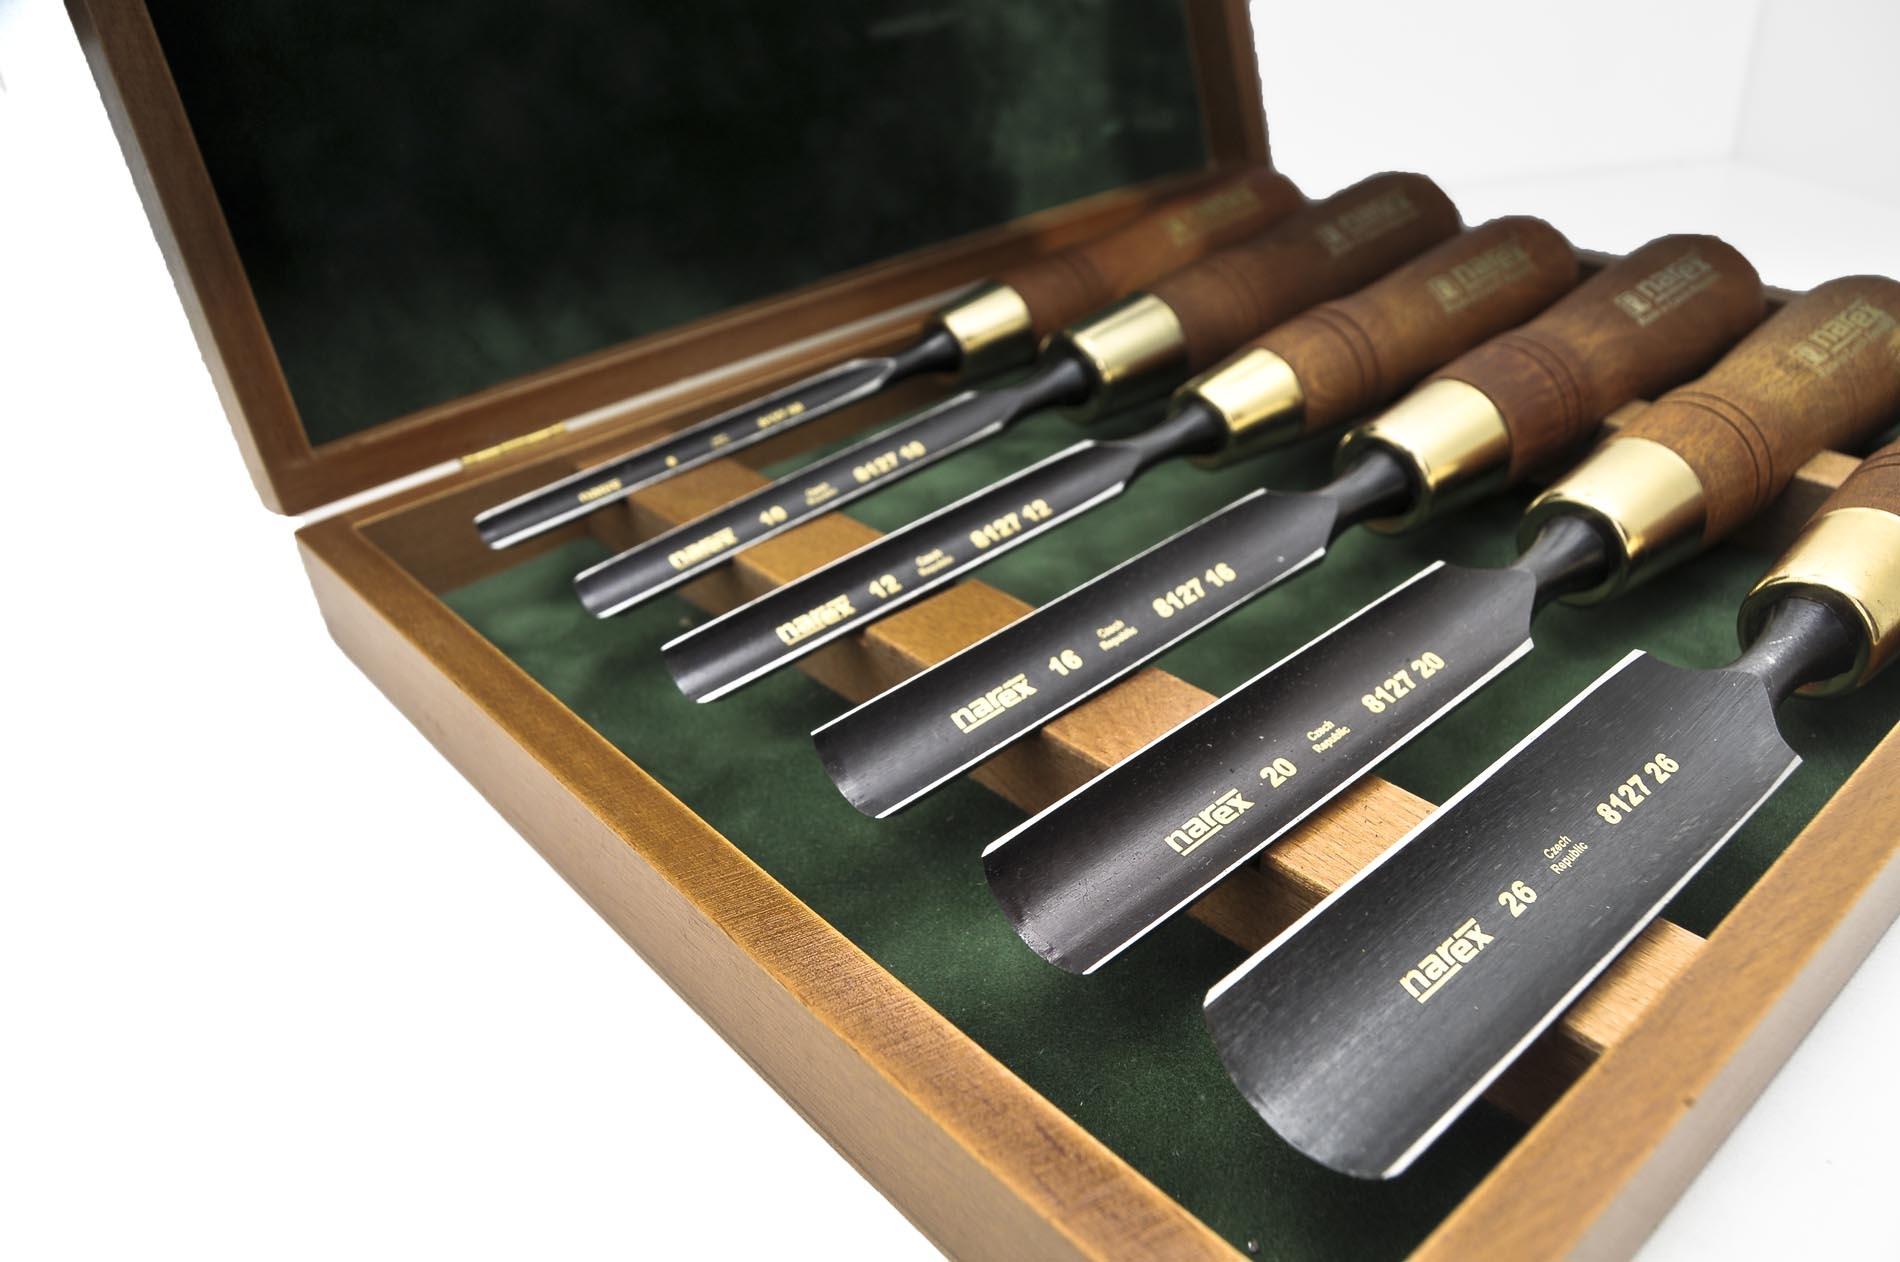 853300-Juego de gubias 6pz FUERTES en caja de madera NAREX 853300-max-3.